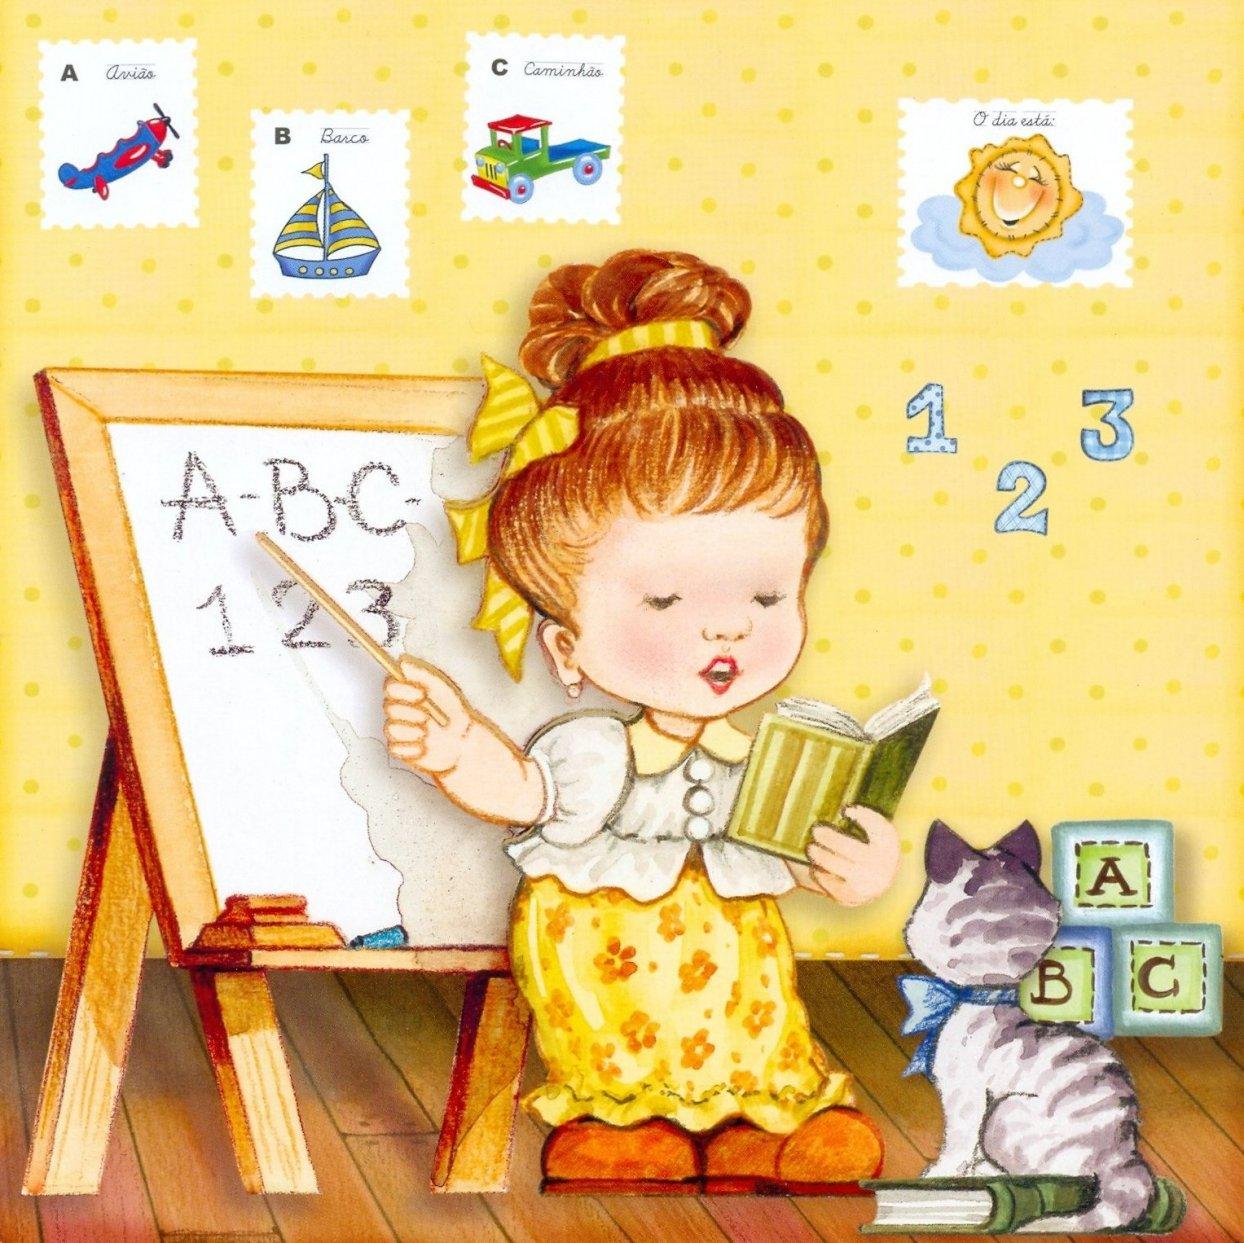 ... Clica Imagem Wallpaper - LoadPaper.com | Free Download HD Wallpapers